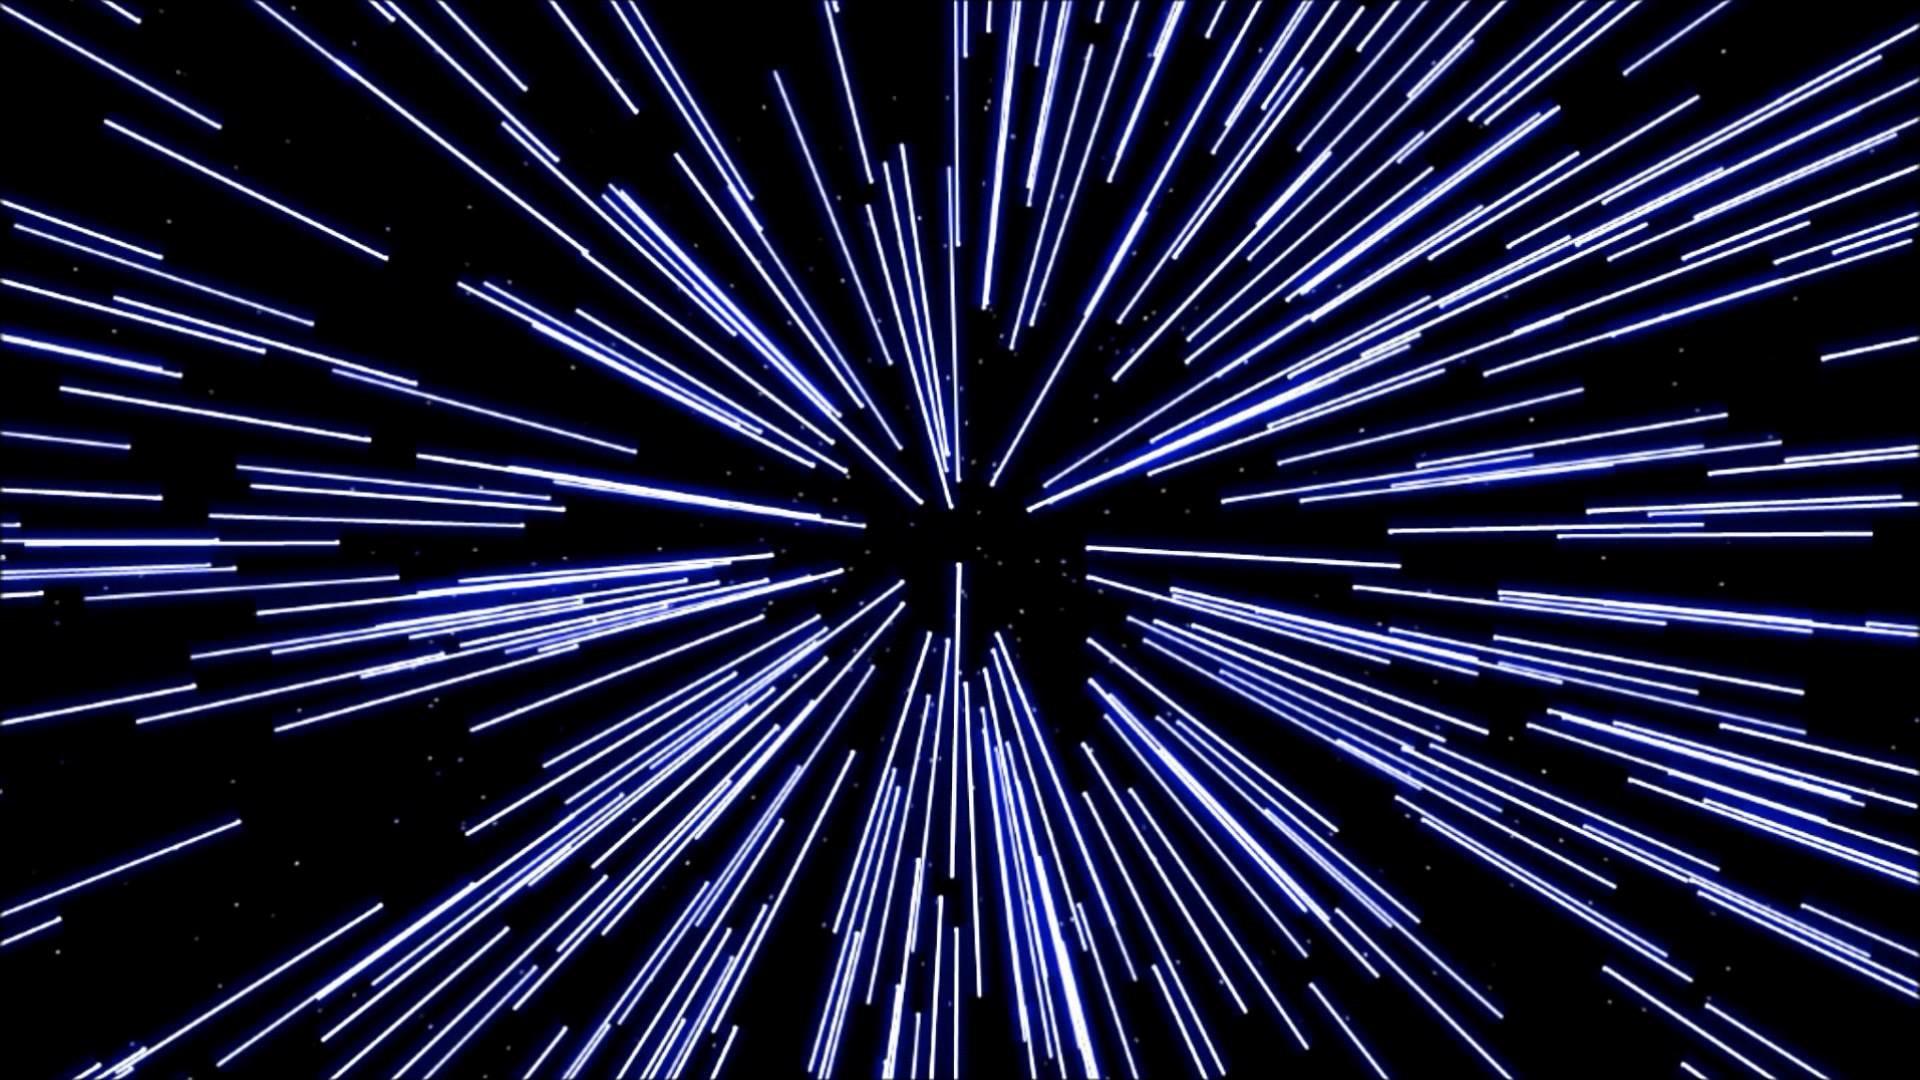 Star Wars Desktop Wallpapers Moving (54+ images)